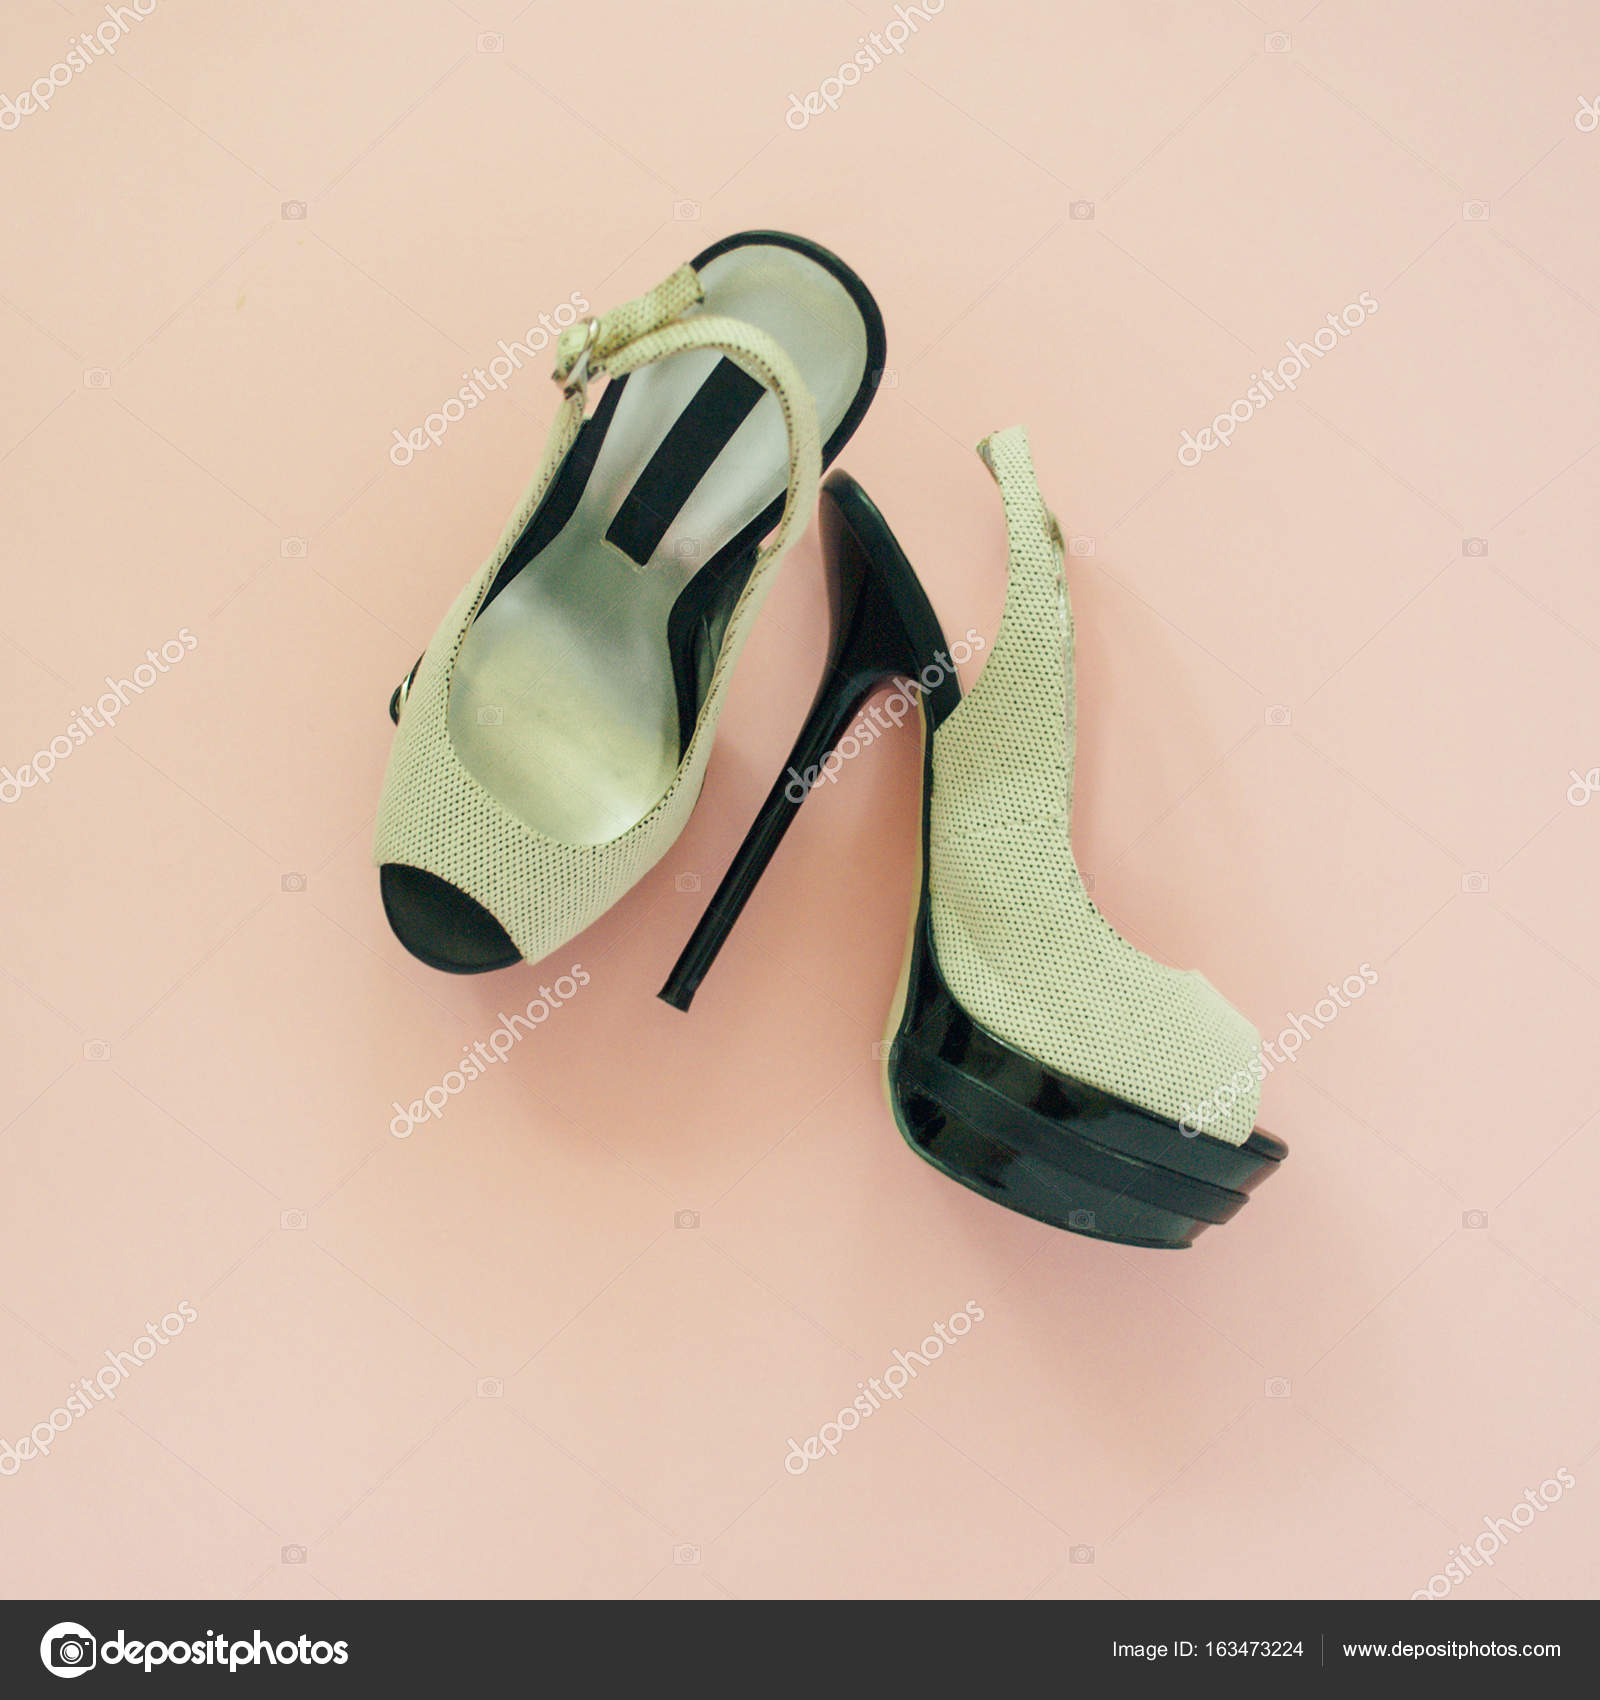 8b1edc496dd Endecha plana de zapatos femeninos en un fondo pastel rosa pálido — Foto de  Stock